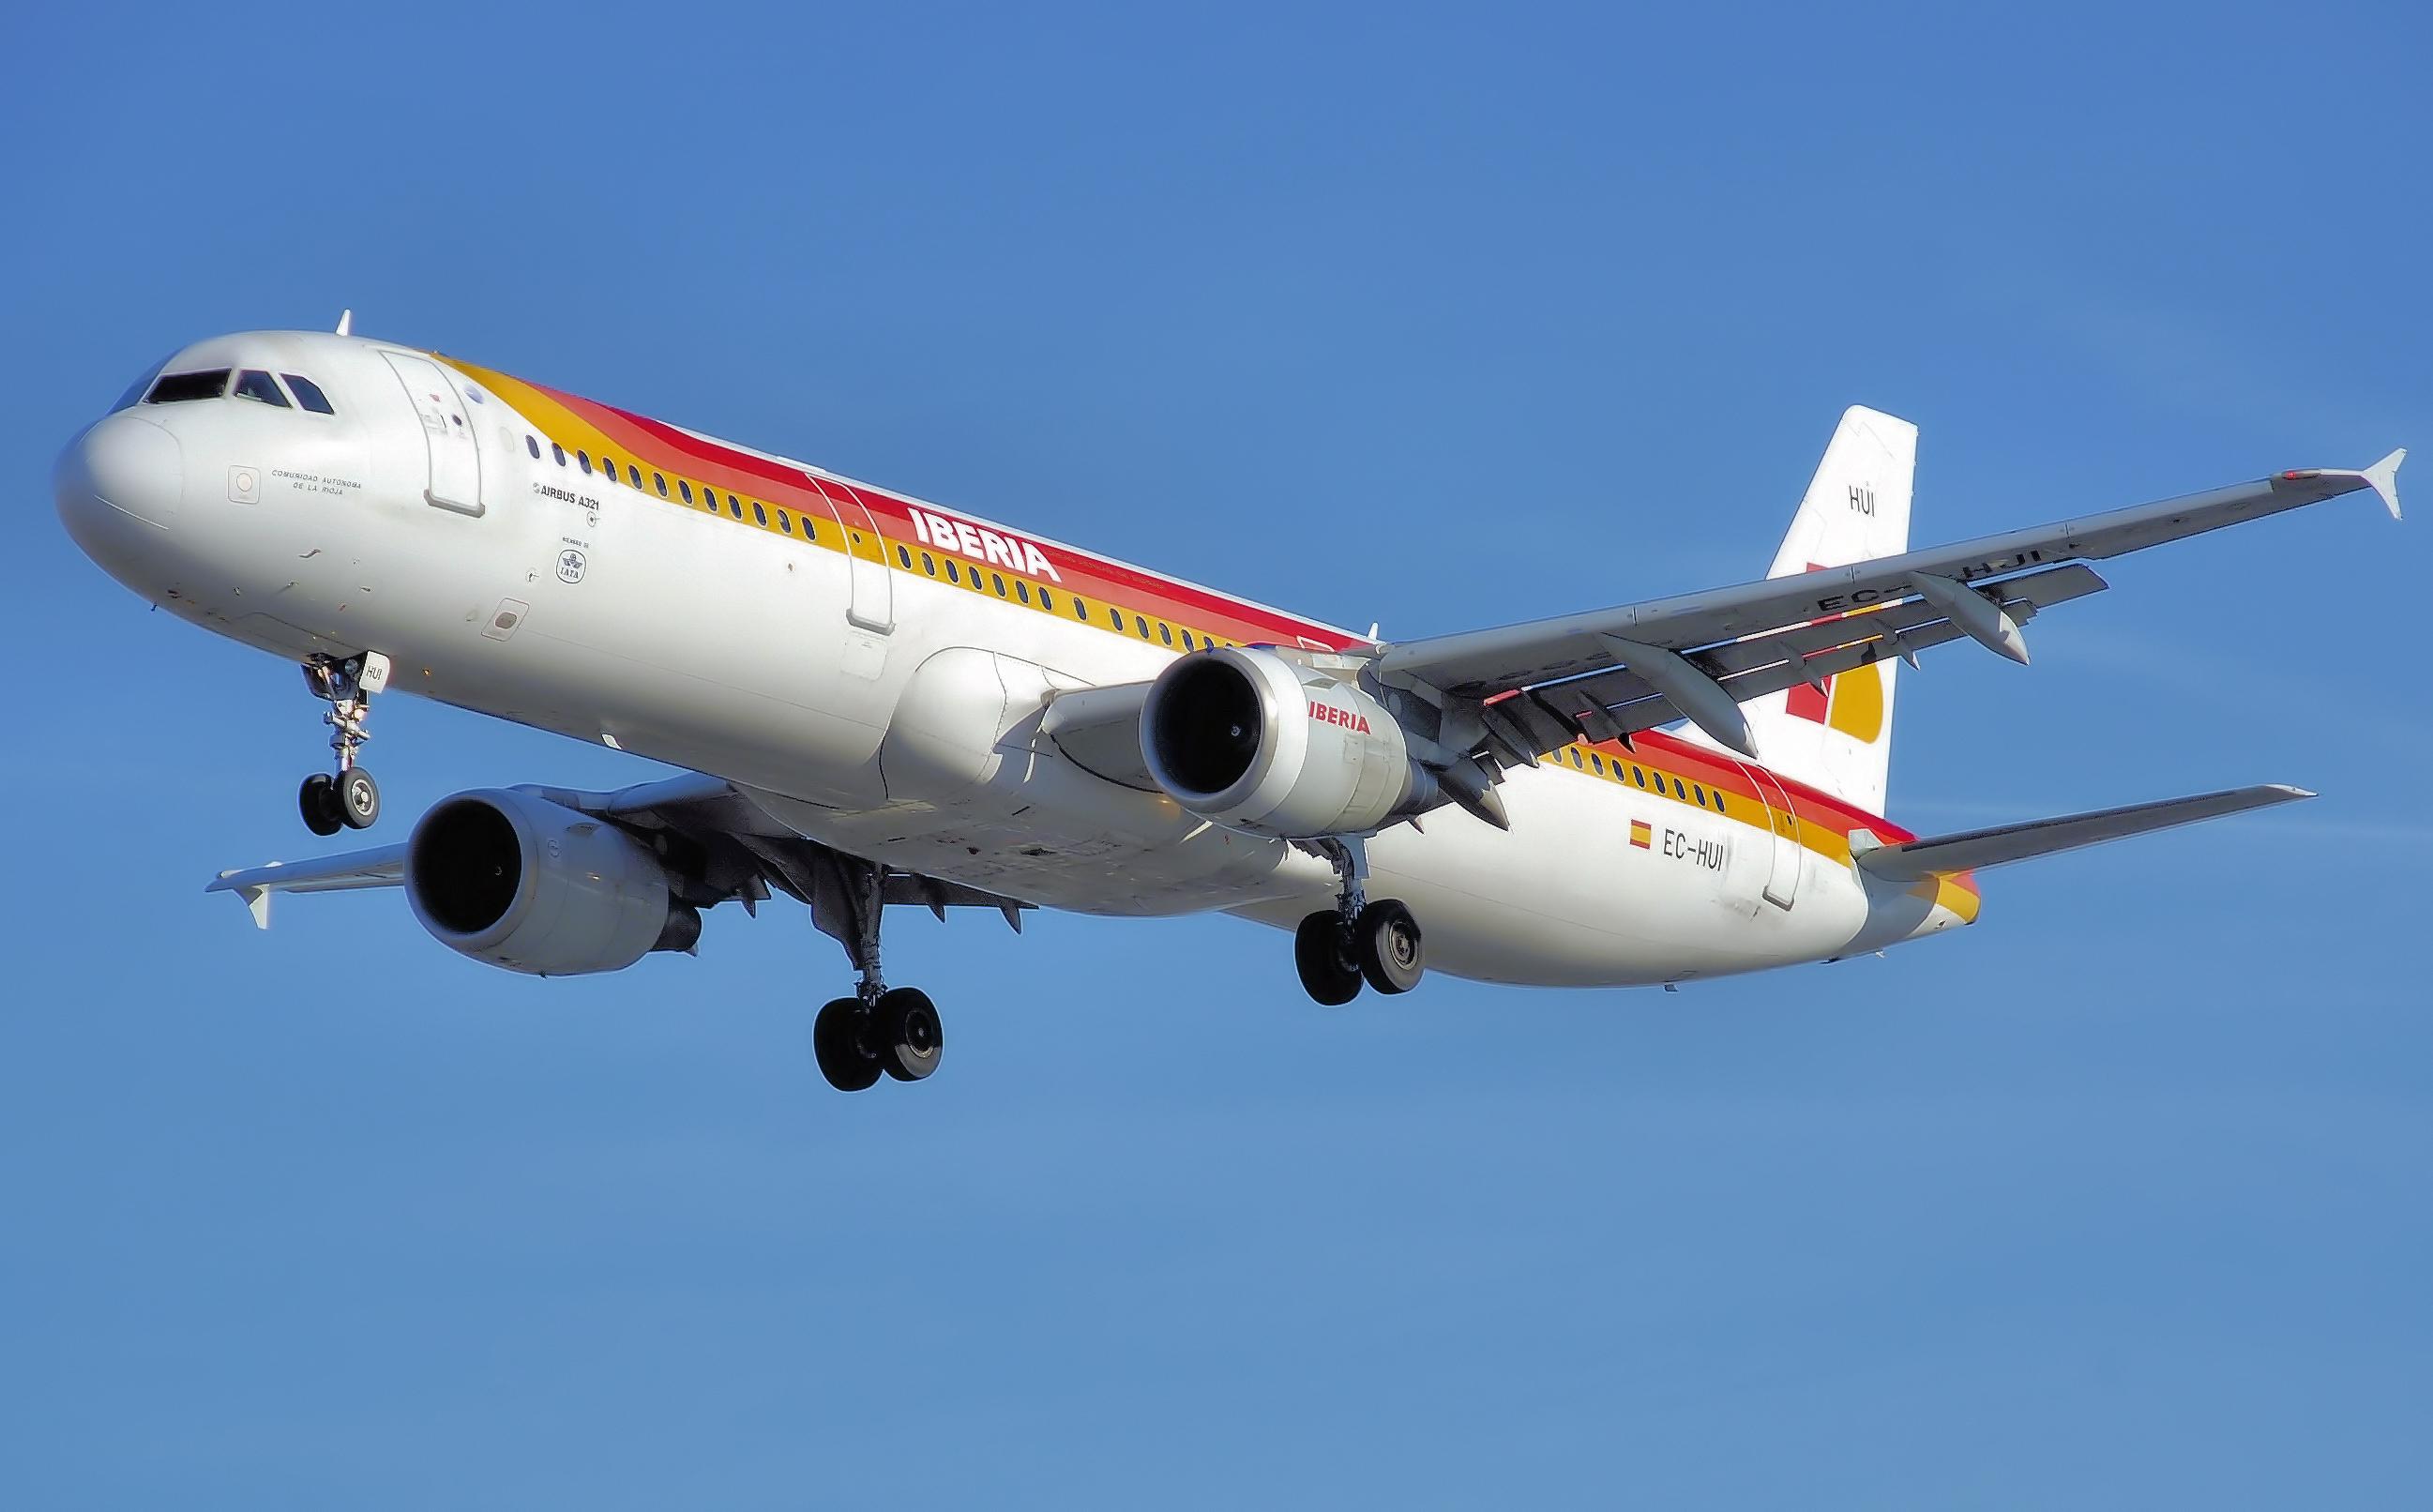 Iberia a321 200 ec hui arp Viajando Iberia gravidinha